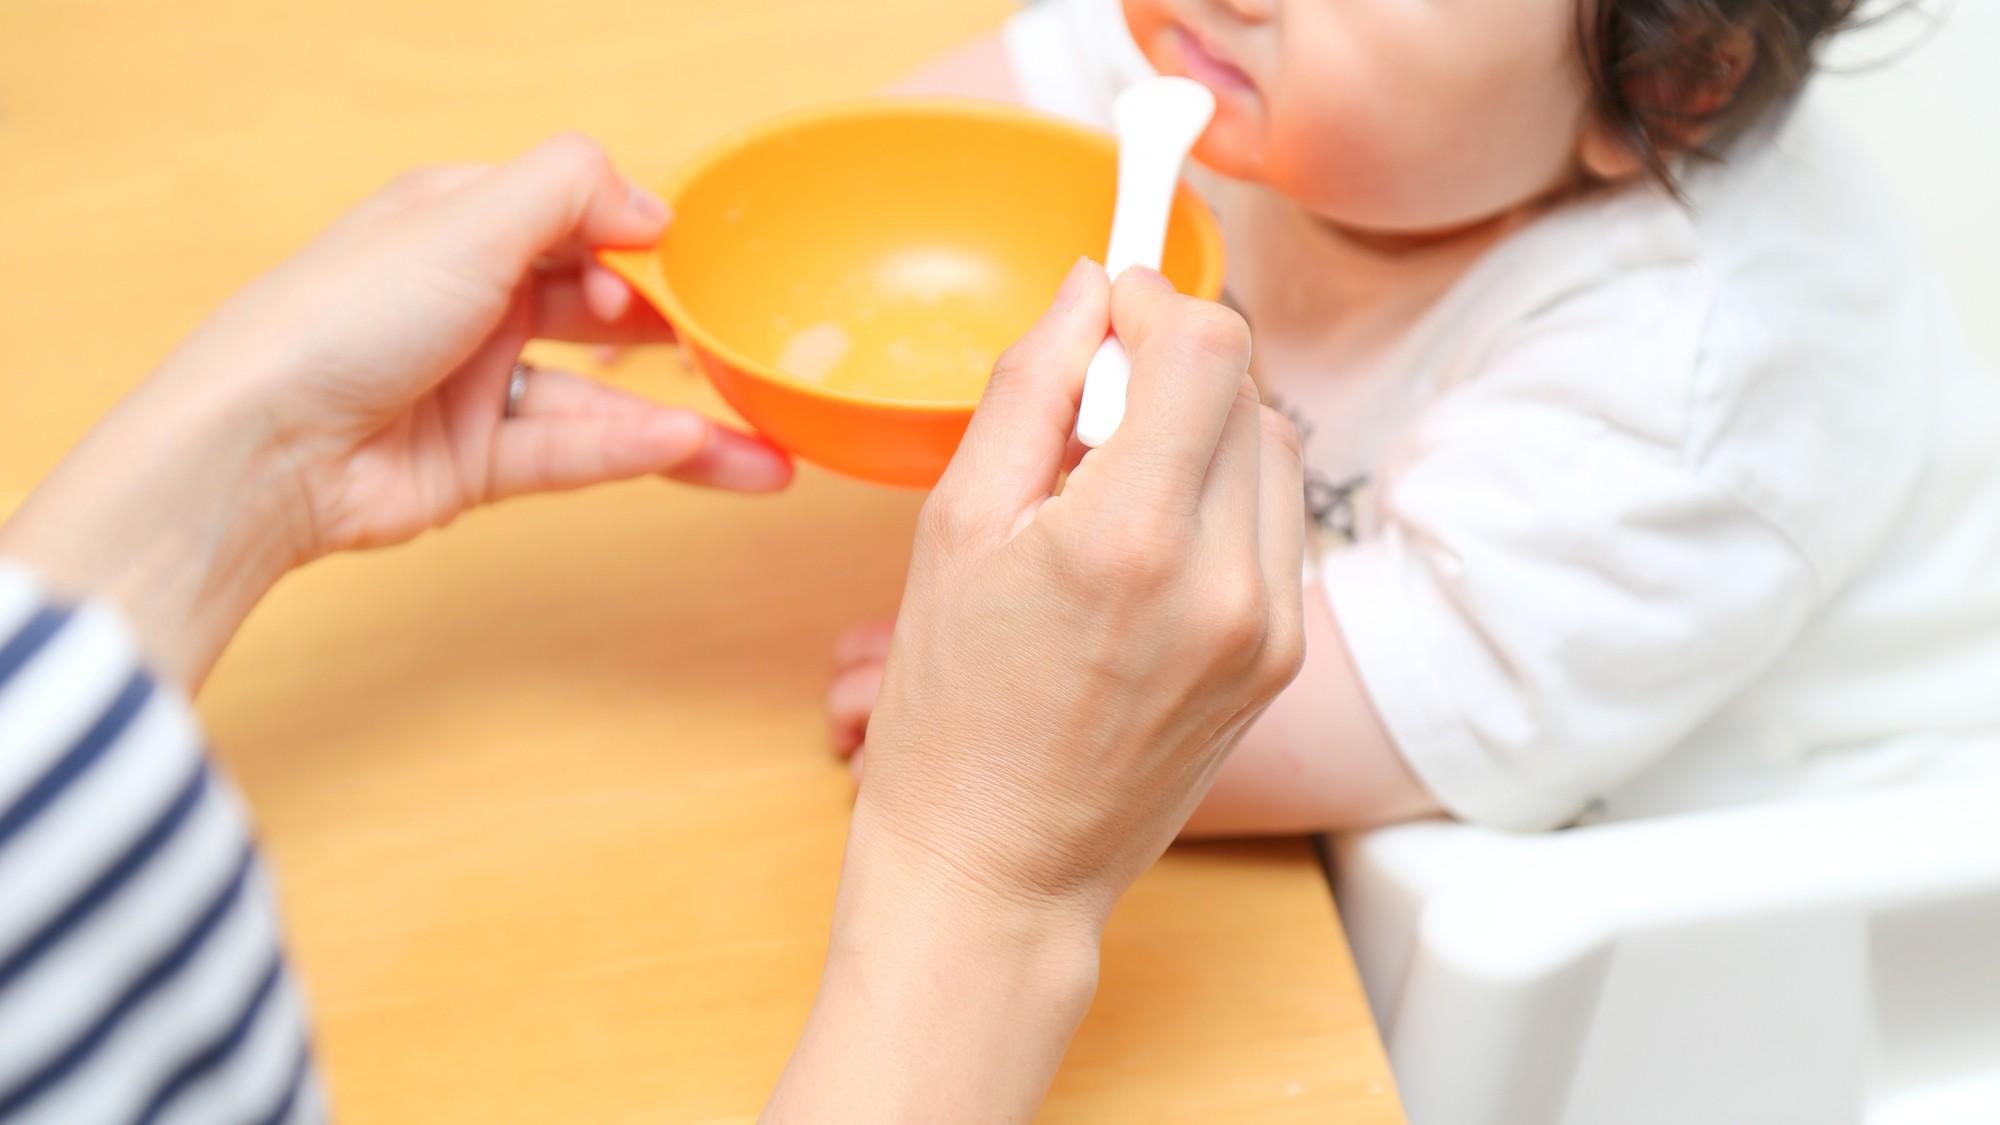 精神科医ママが子どもに「レトルト離乳食」を食べさせる理由